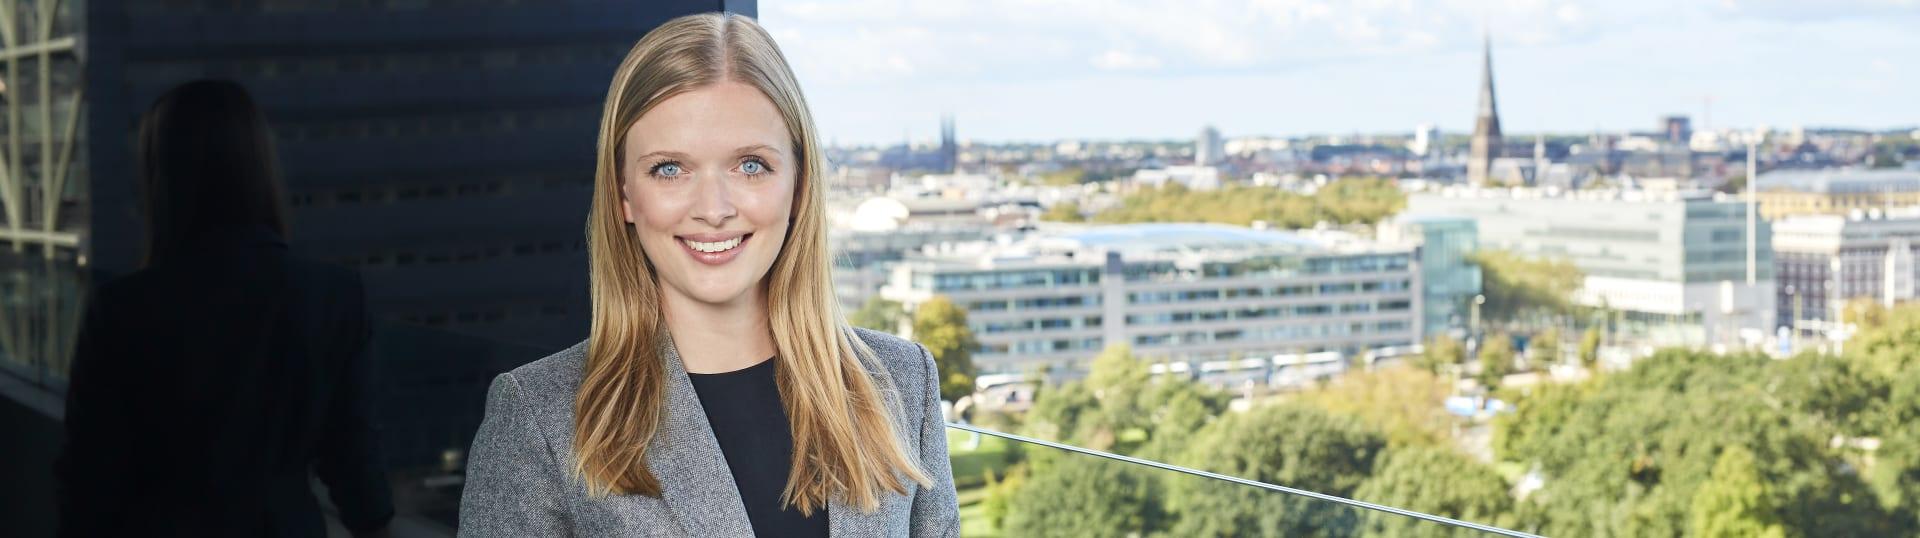 Lianne Barnhoorn, advocaat Pels Rijcken